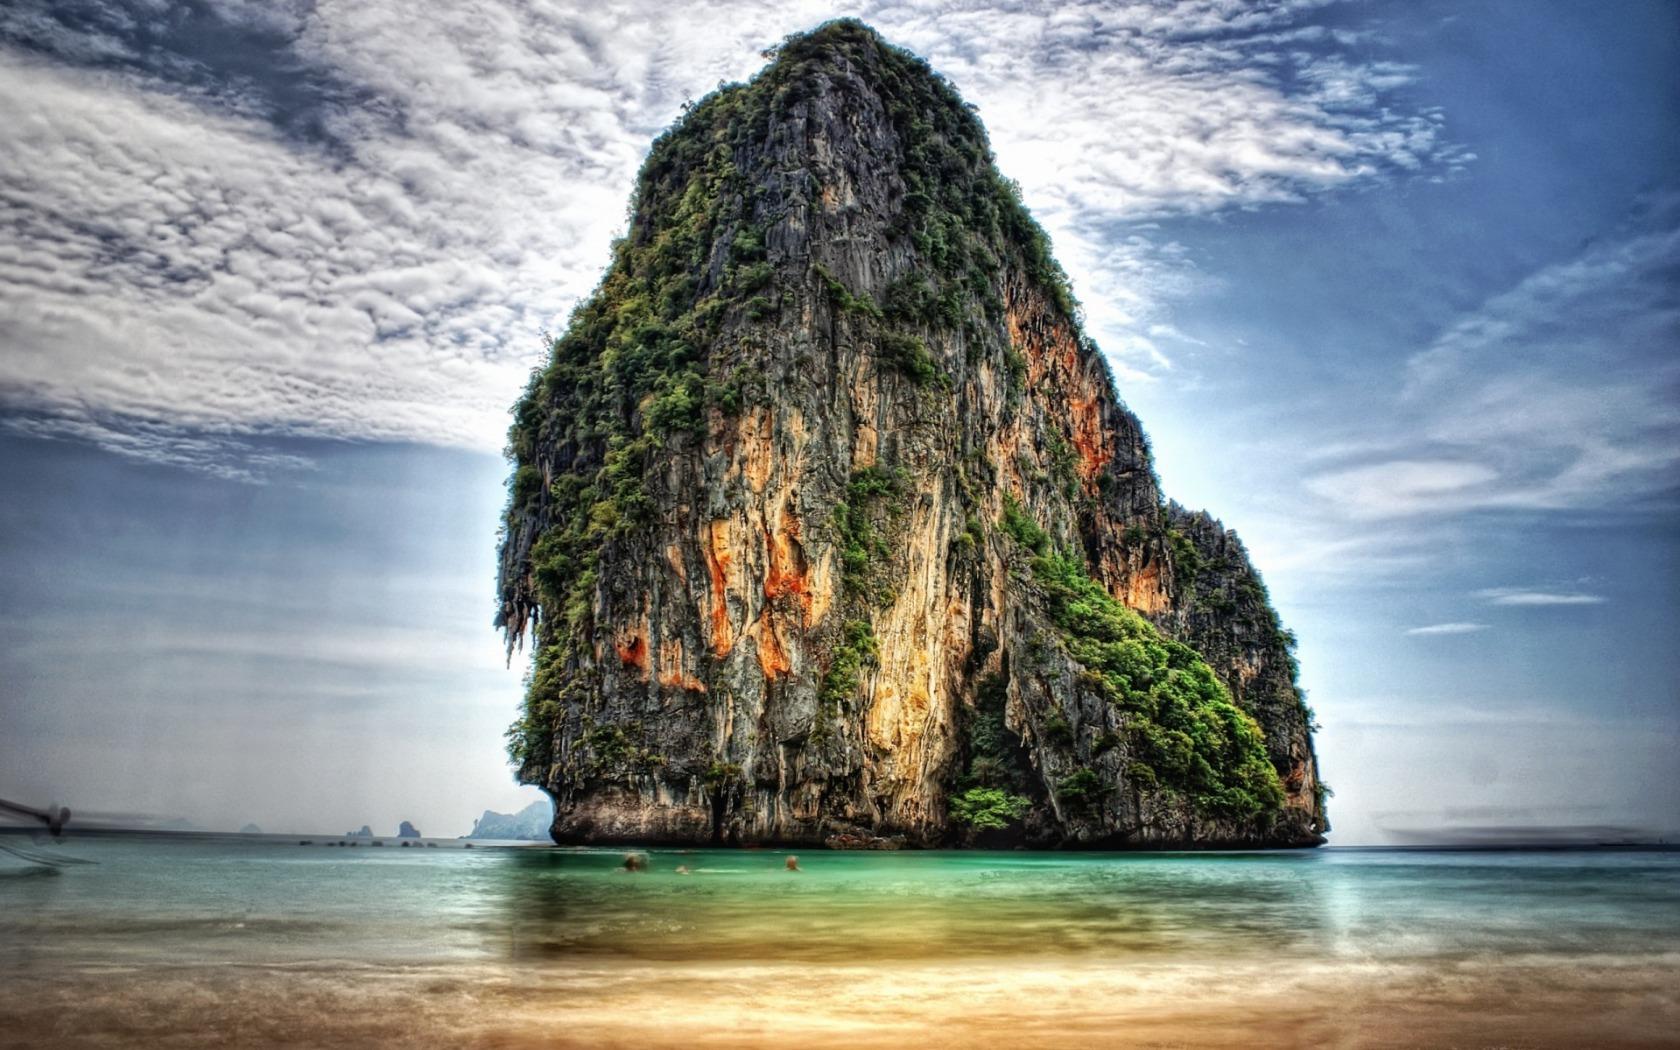 Без пакета. Планируем поездку в Таиланд